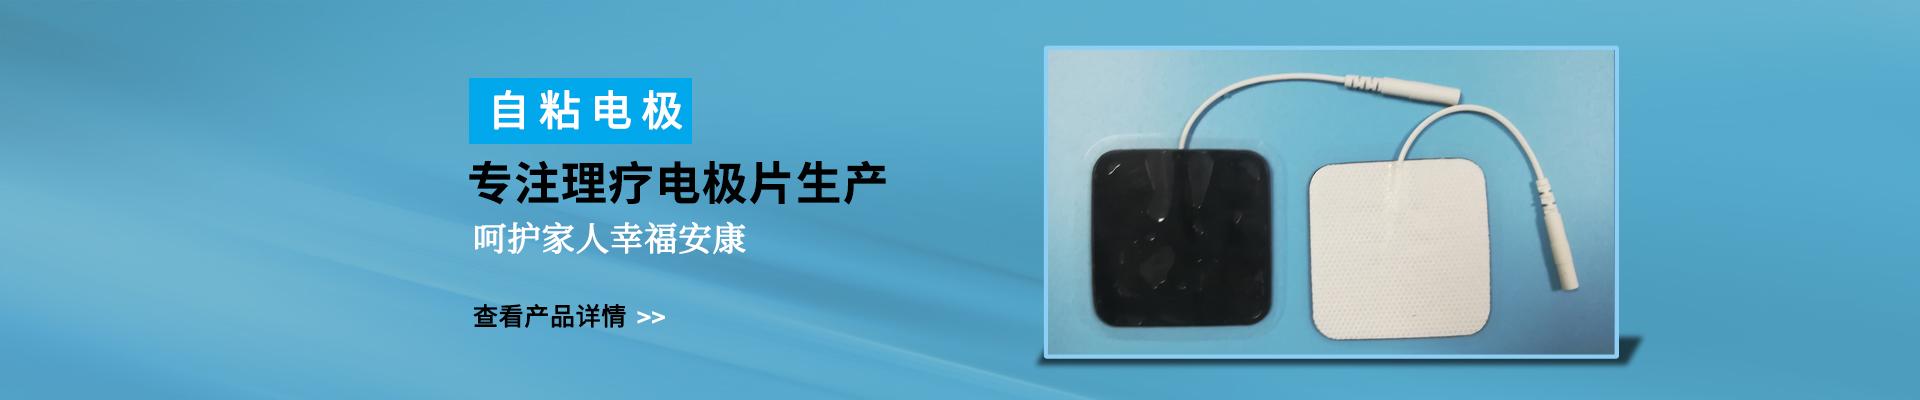 广州市刘影电子科技有限公司